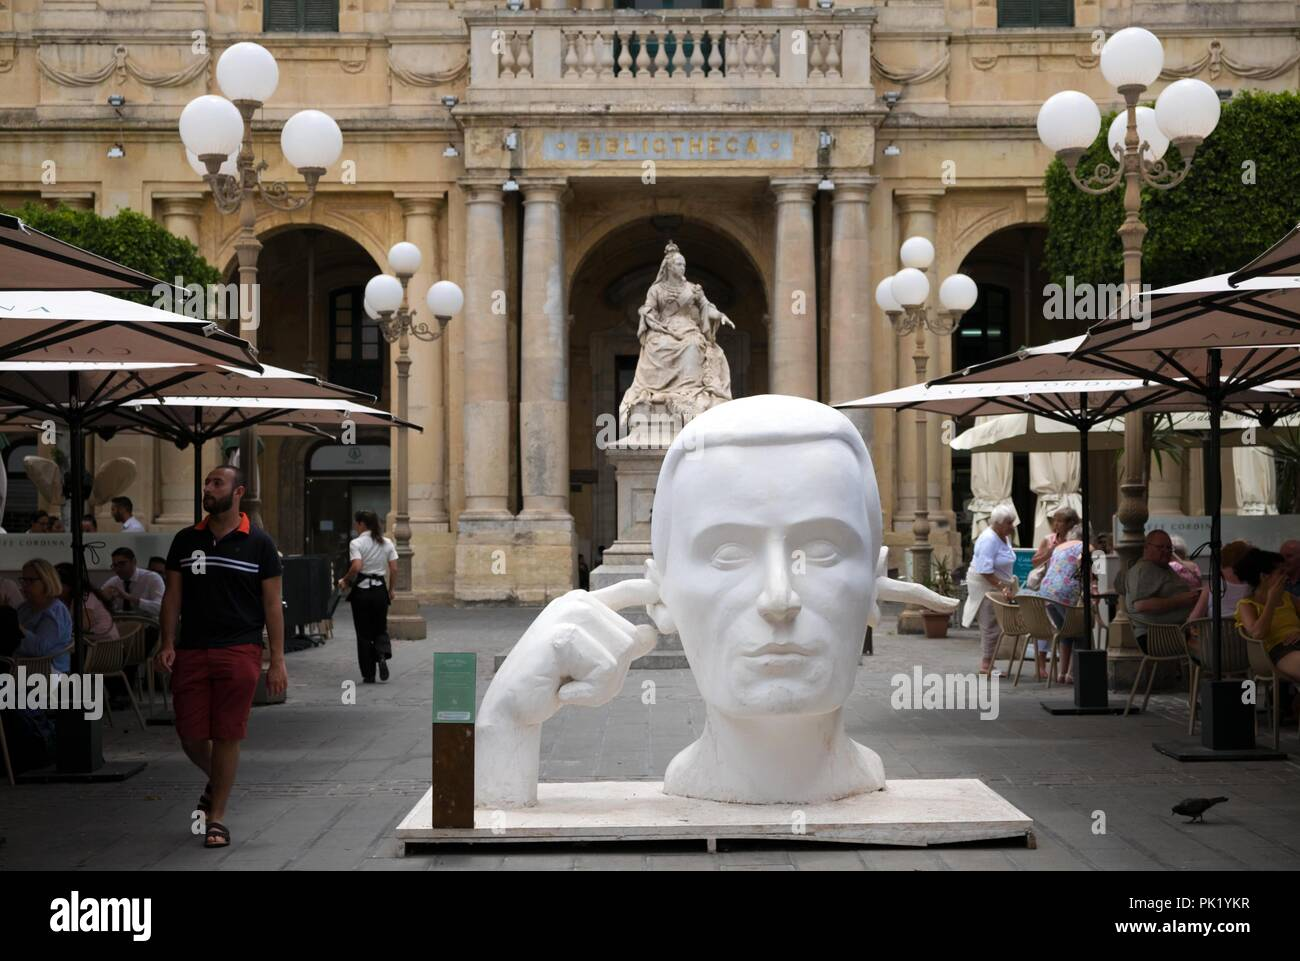 Ilustración colocada en la Plaza de la República, en la ciudad de La Valetta, en Malta, como parte del tiempo de la ciudad como Capital Europea de la Cultura 2018 (ECoC). Imagen De Stock